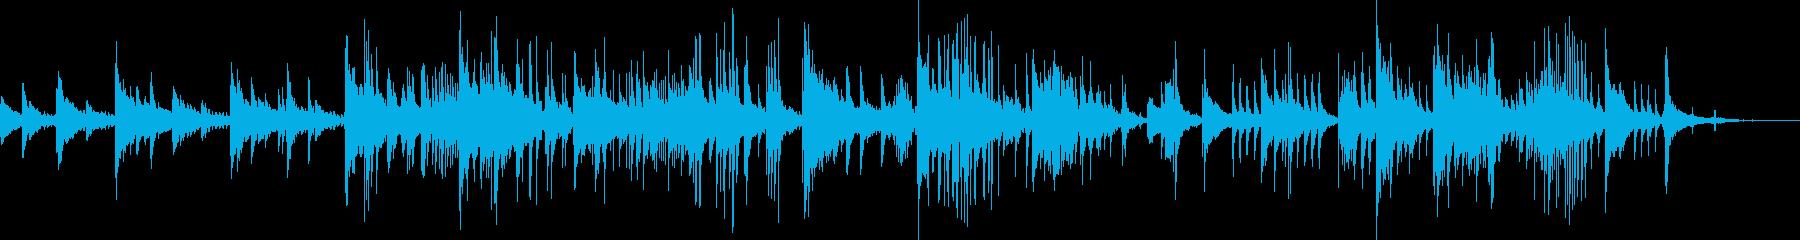 ドンブラとピアノのための瞑想曲の再生済みの波形